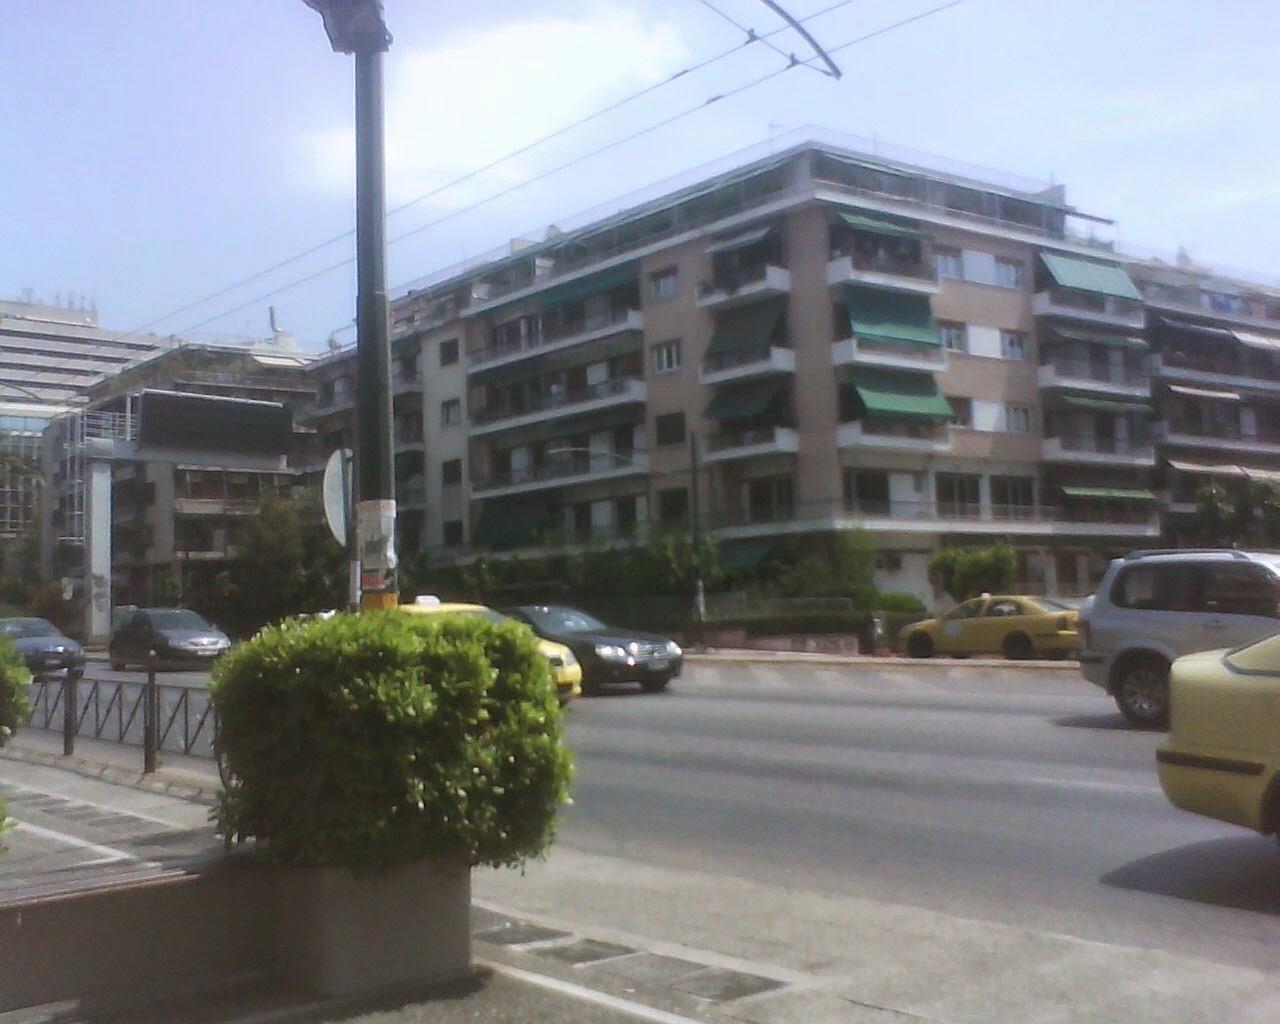 athens kifisias  street